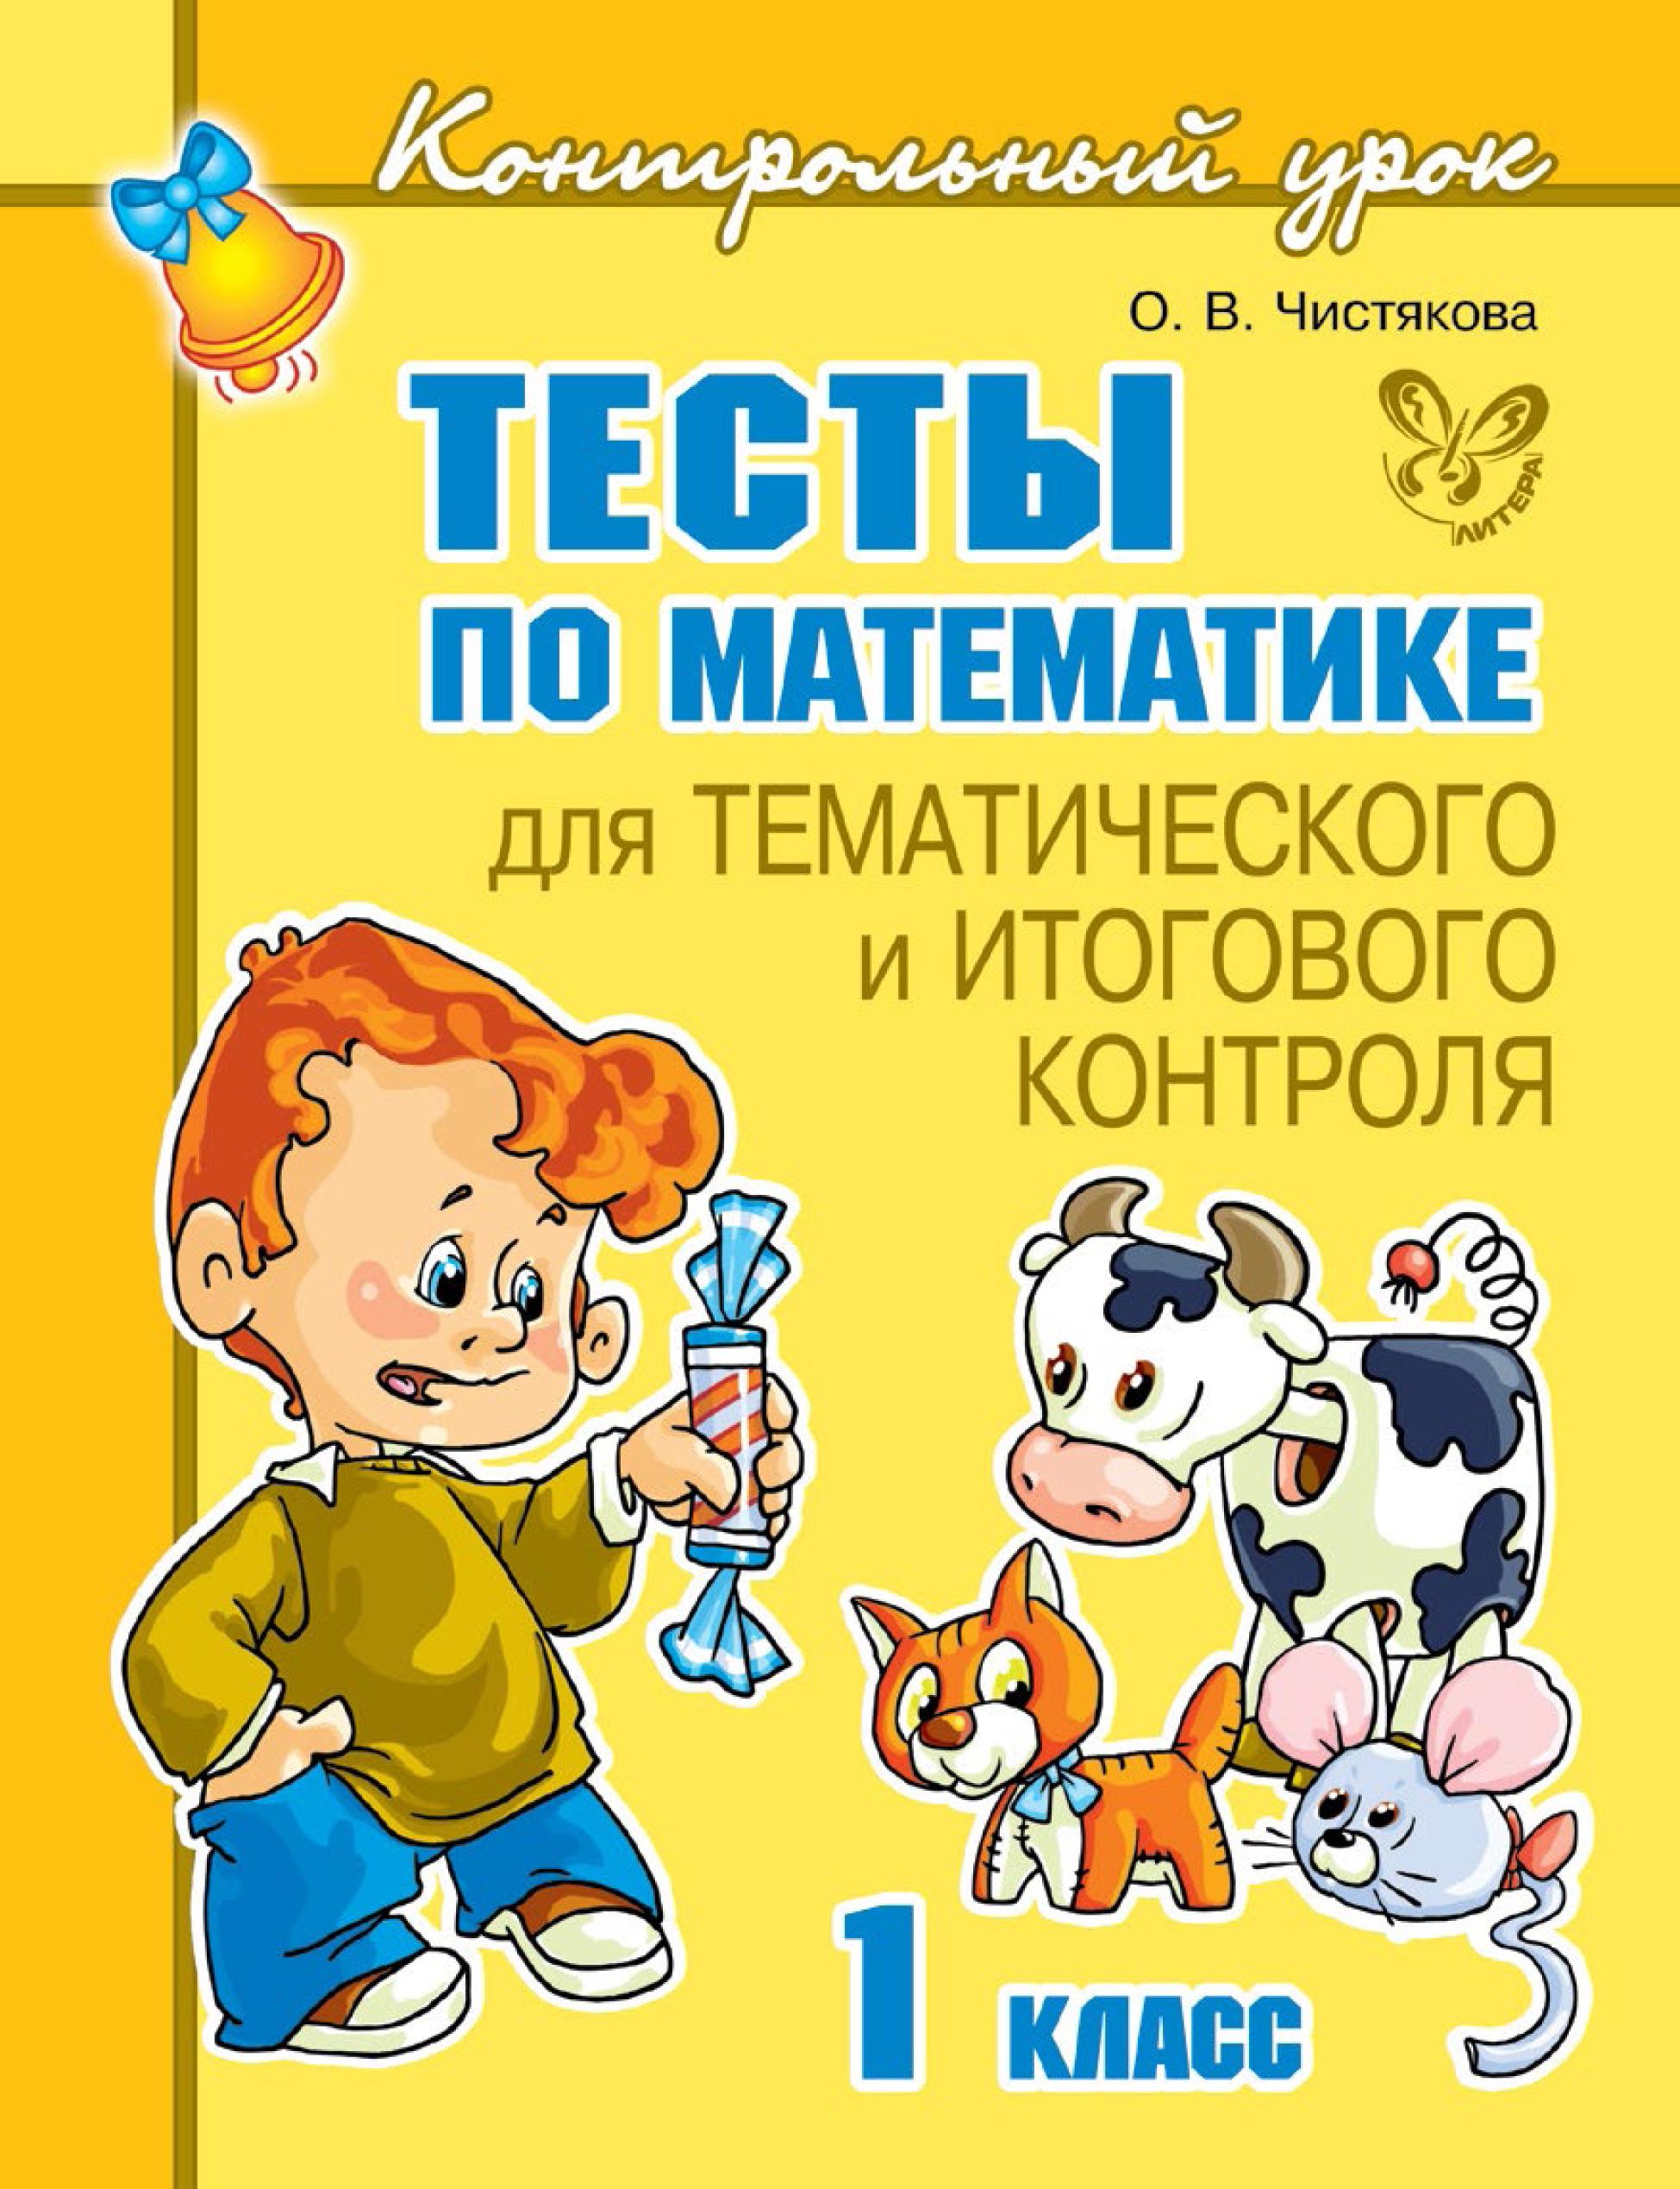 О. В. Чистякова Тесты по математике для тематического и итогового контроля. 1 класс